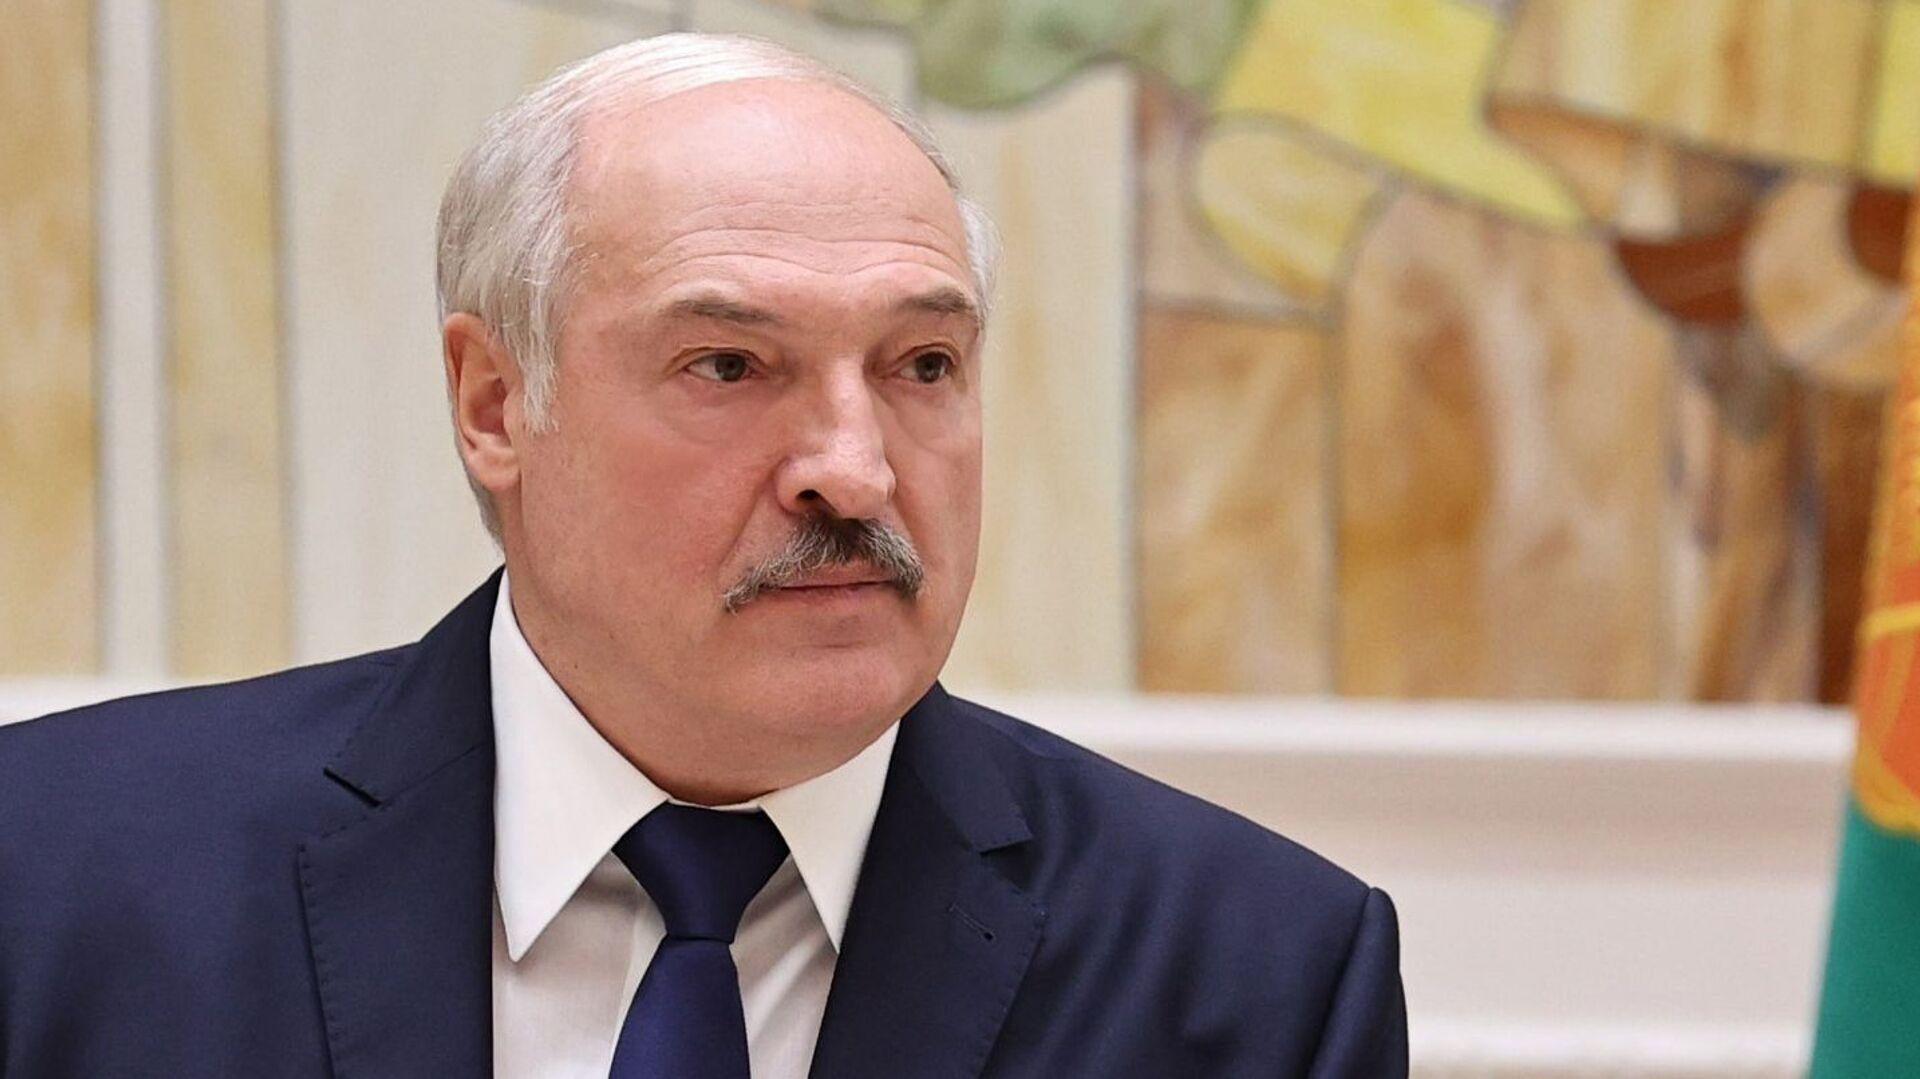 Prezydent Białorusi Alaksandr Łukaszenka - Sputnik Polska, 1920, 16.09.2021